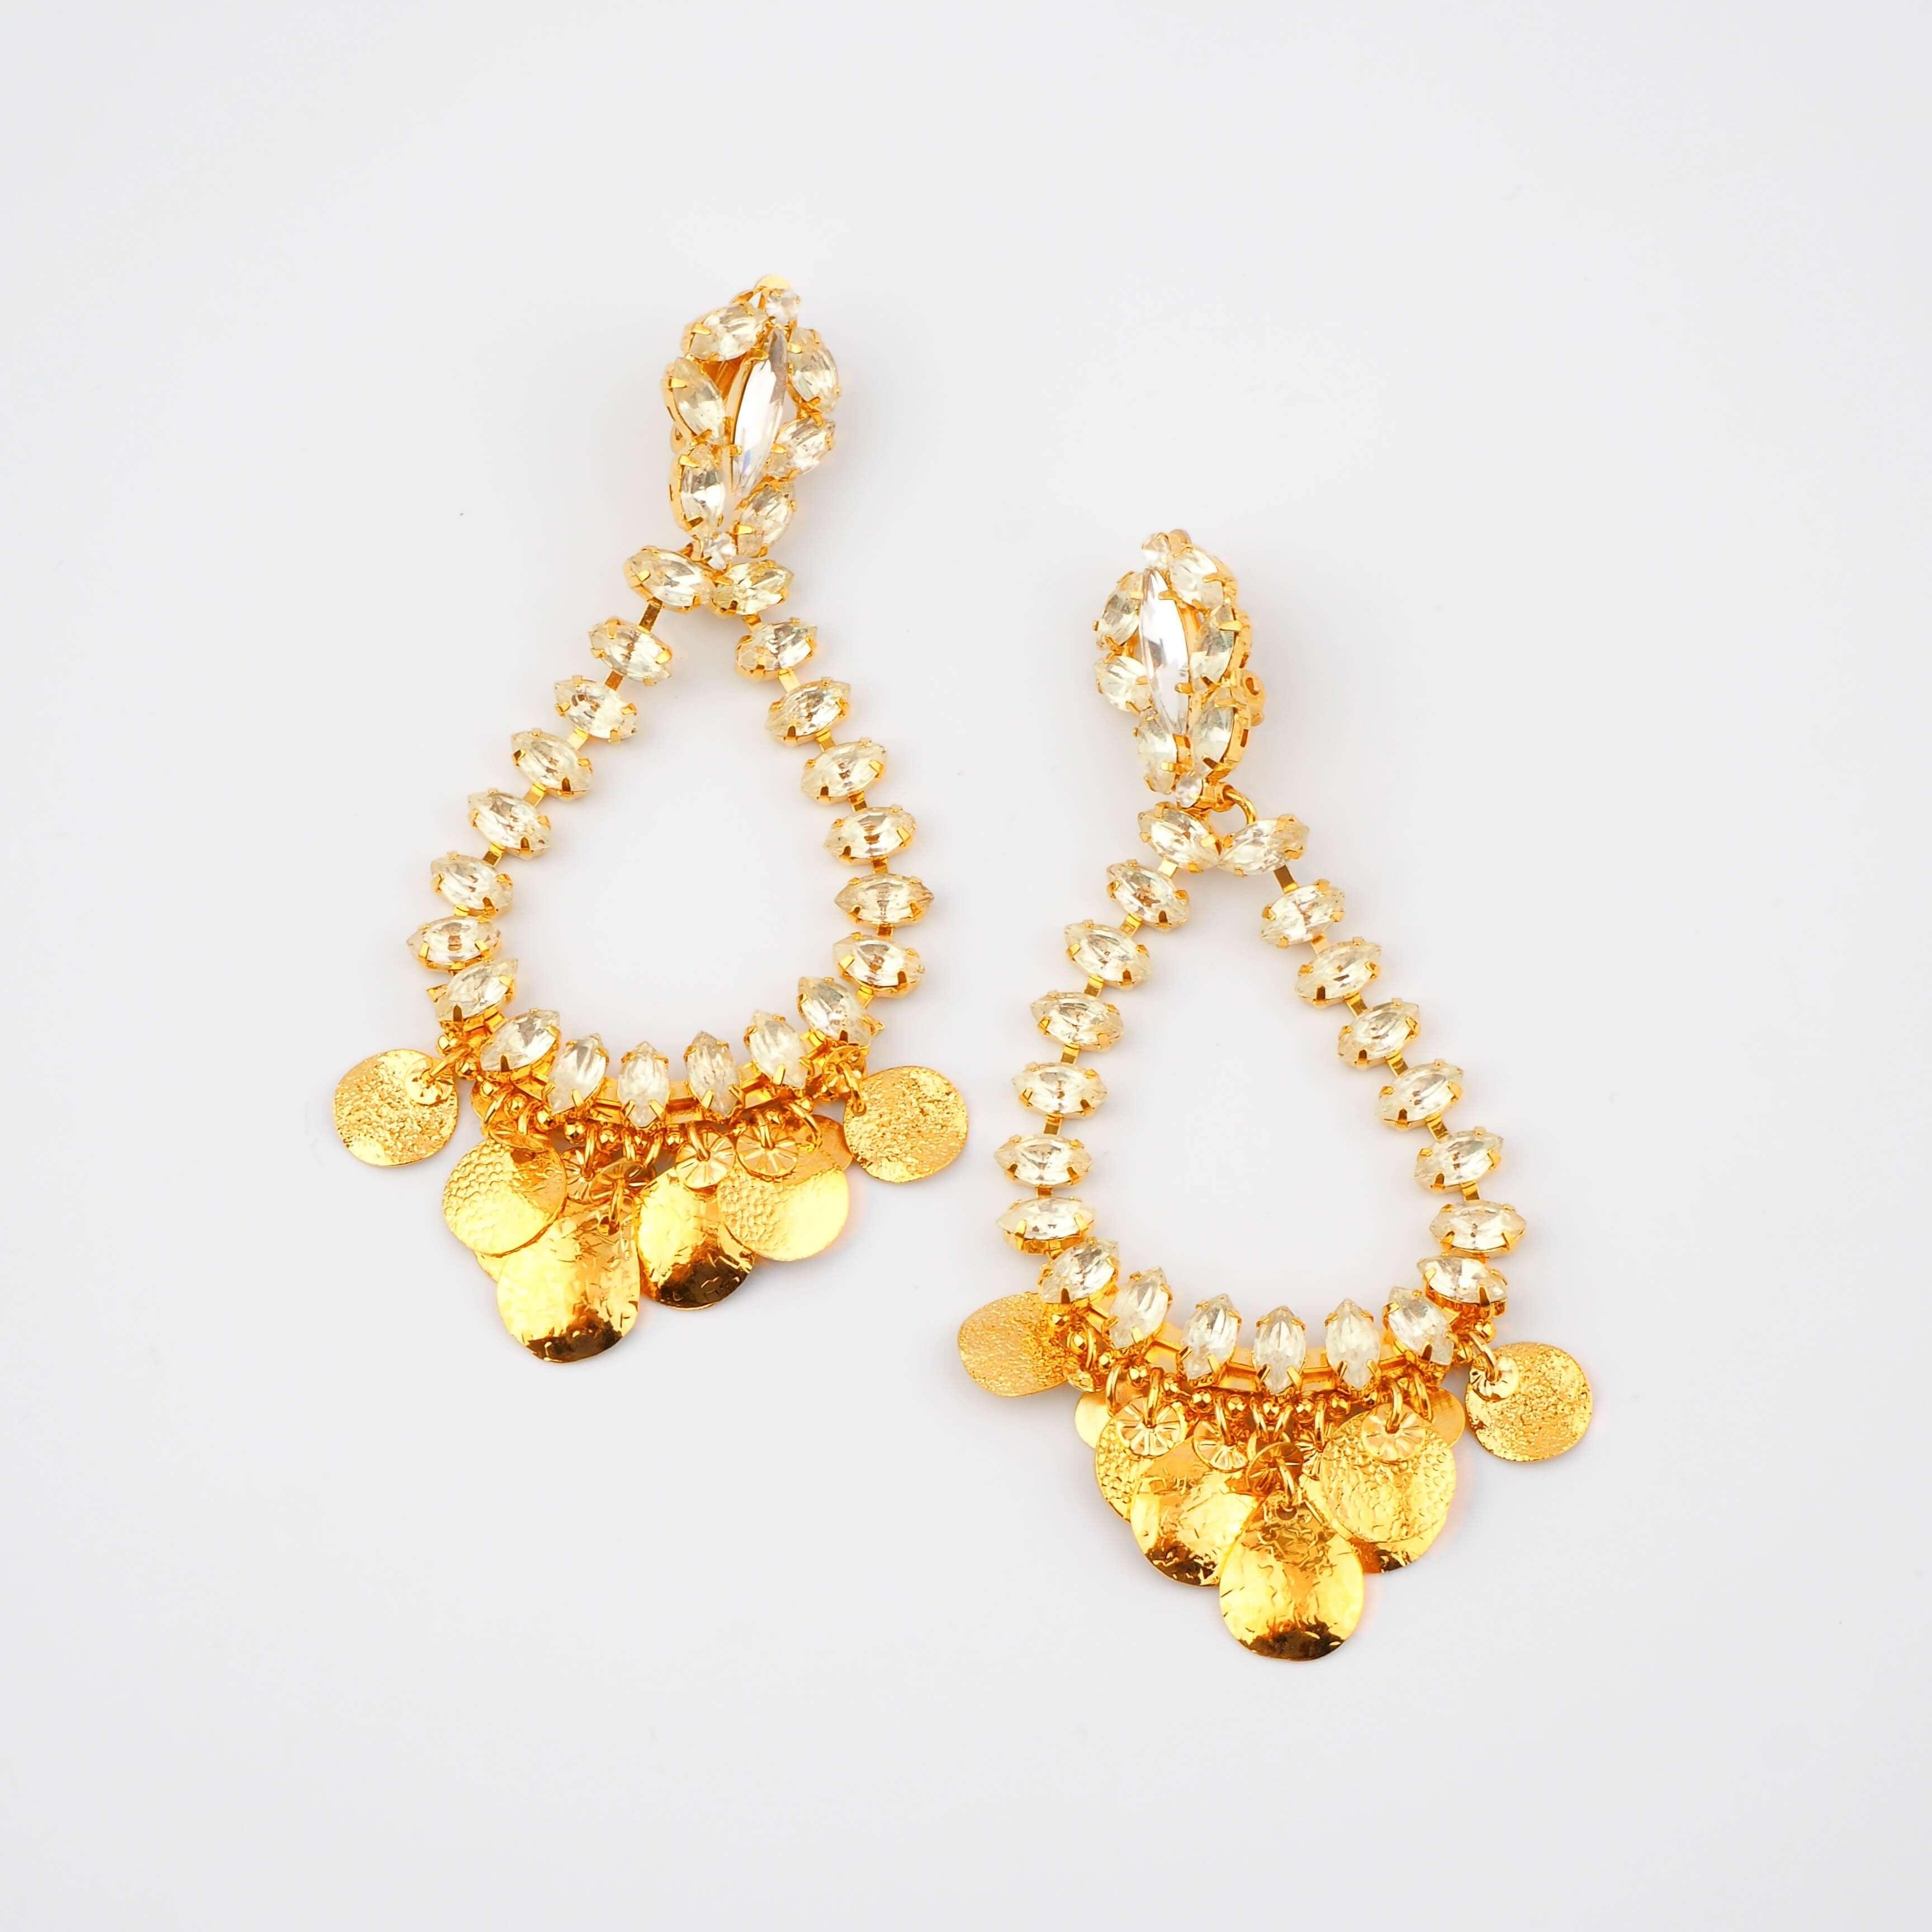 Boucles d'oreilles clips Riviera - Gas bijoux